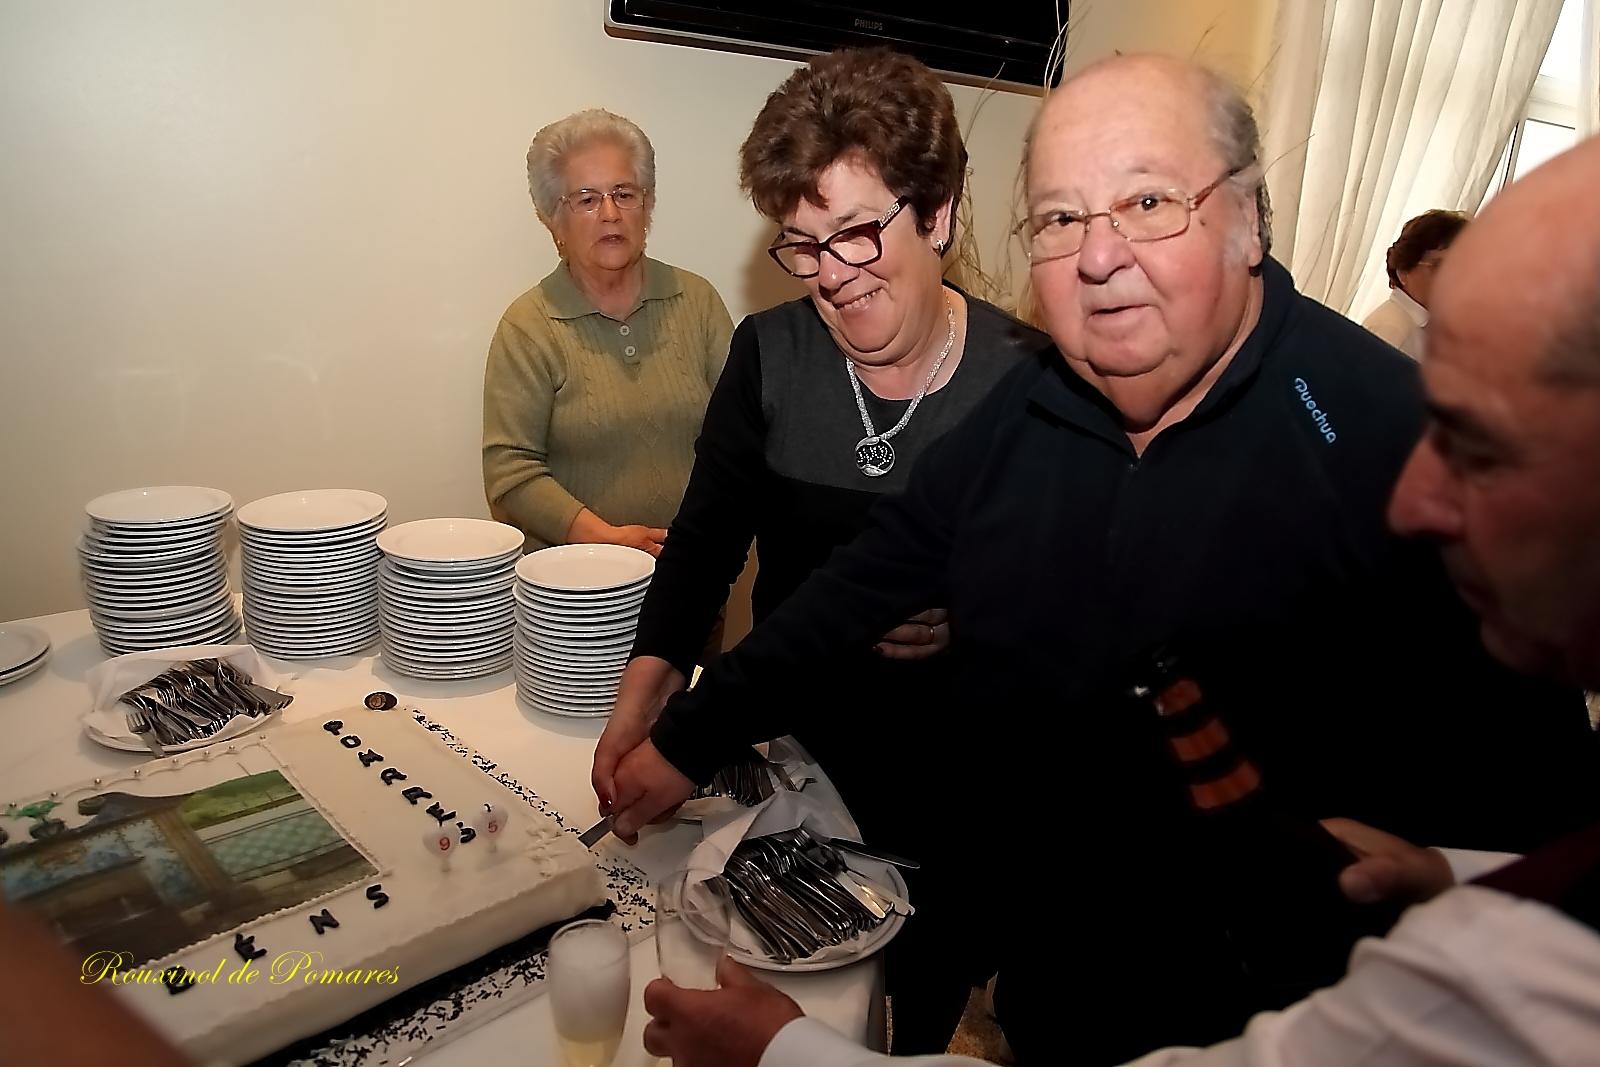 Almoço Comemoração 95 Anos Sociedade  (45)